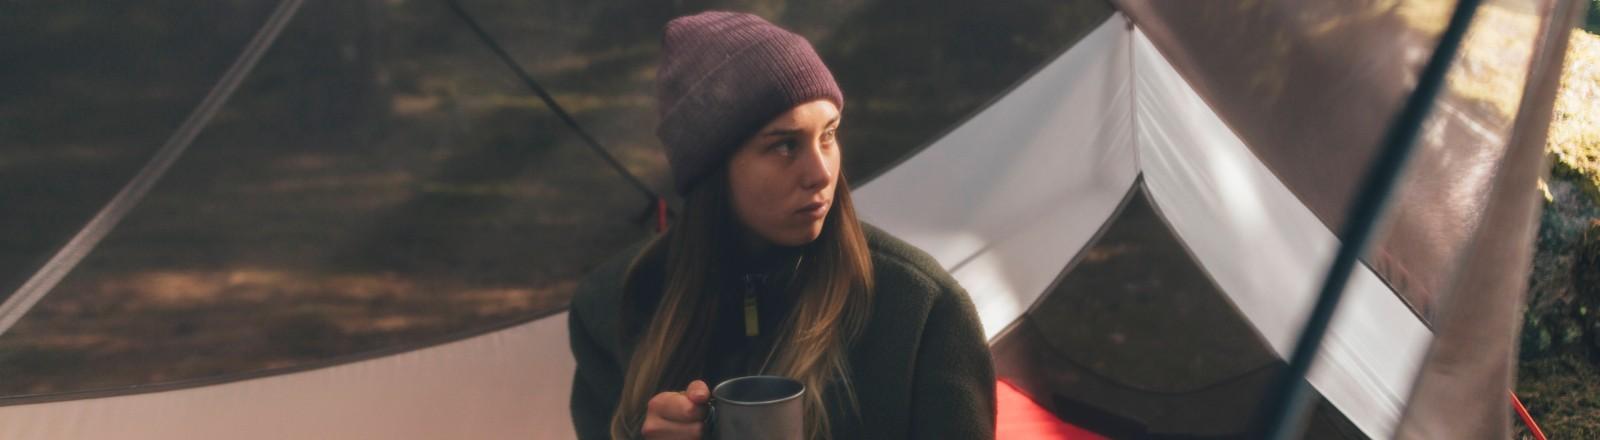 Ein Mädchen sitzt in einem Zelt alleine